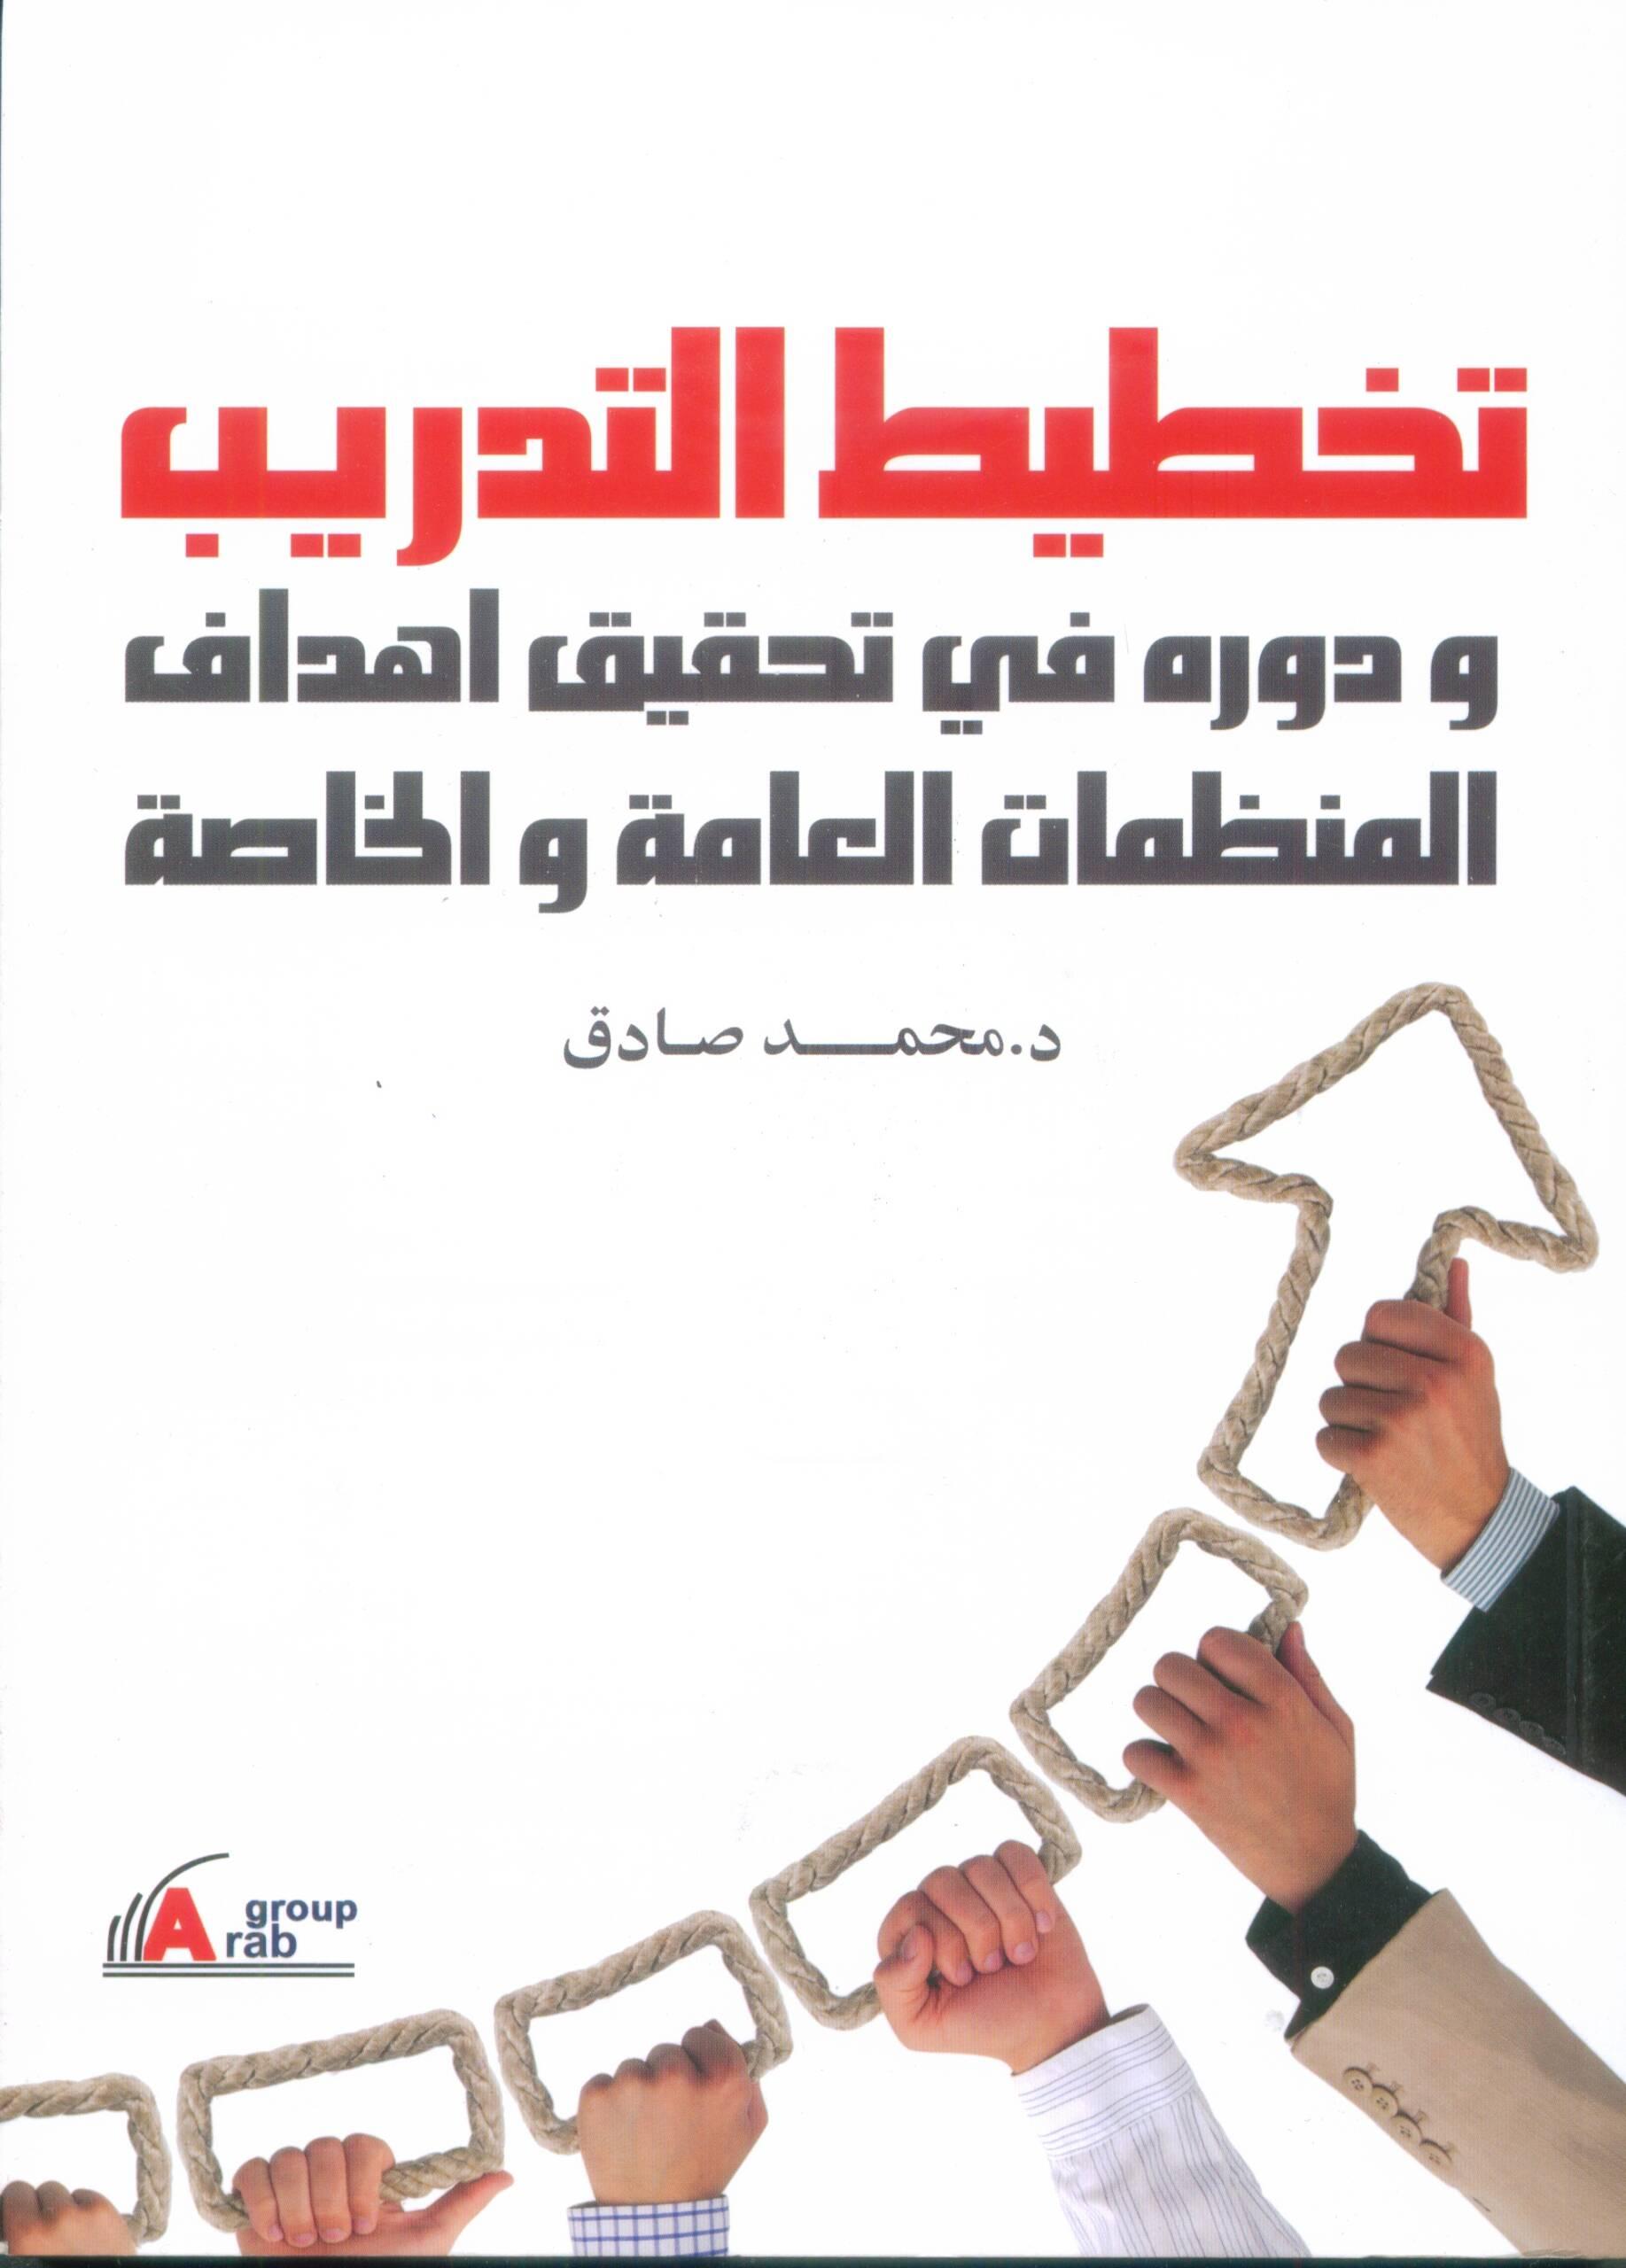 تخطيط التدريب ودوره فى تحقيق أهداف المنظمات العامة والخاصة